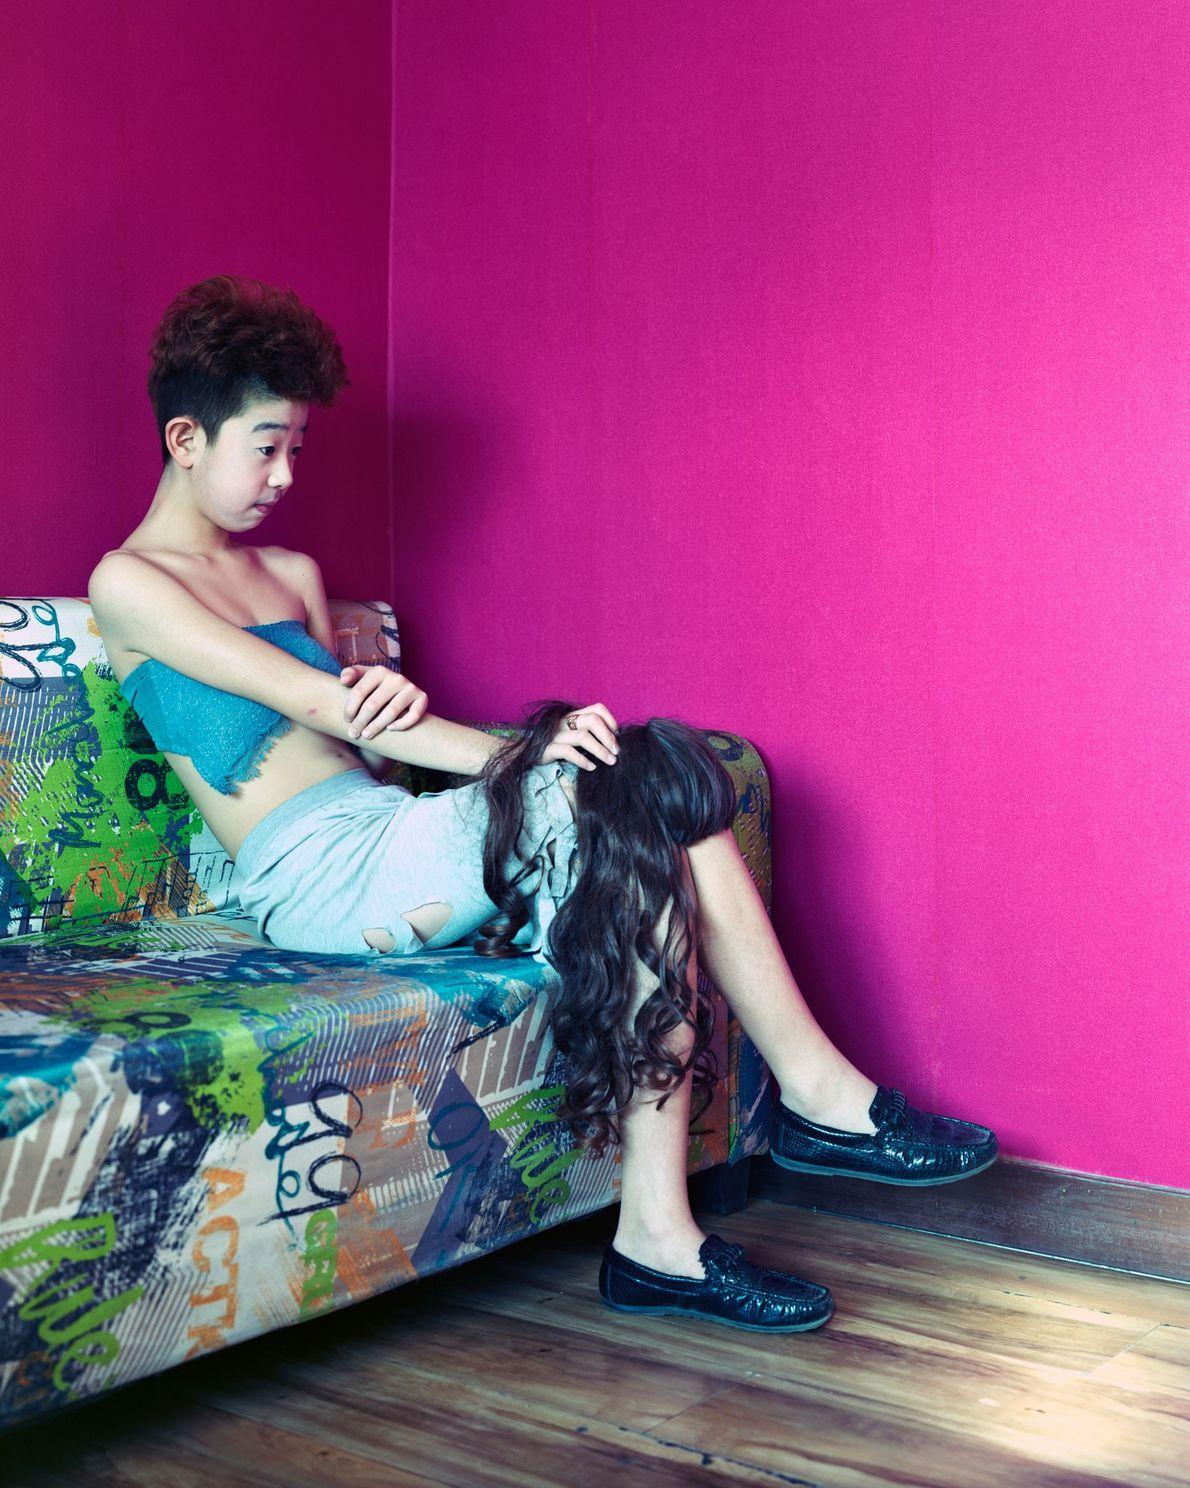 Lin Zi, de 14 anos, senta-se em uma cafeteria onde celebridades da Internet fazem apresentações de ...